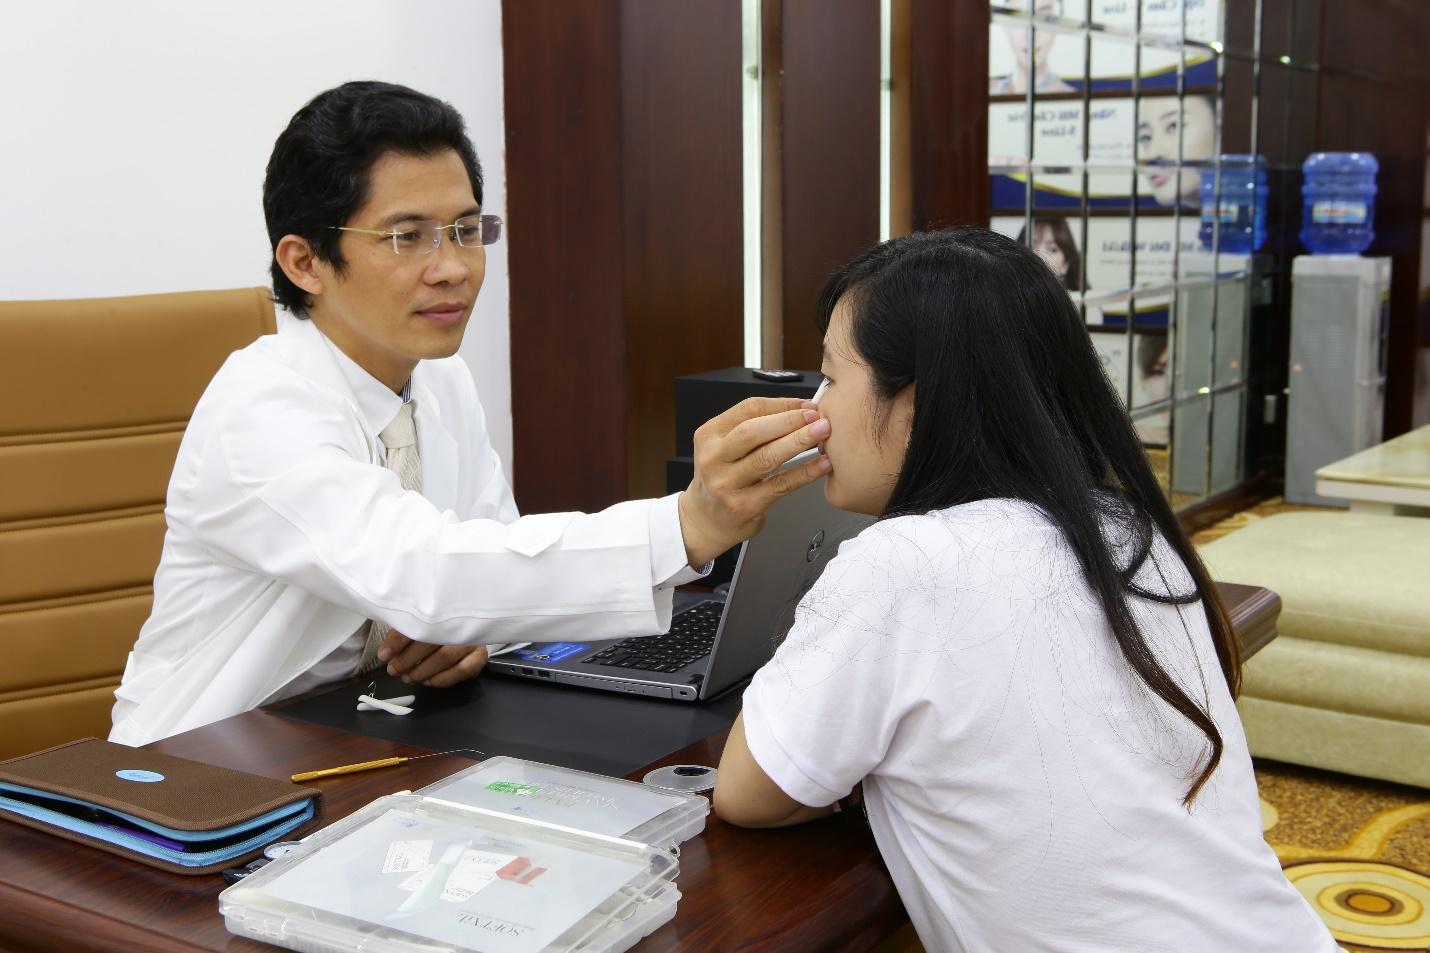 Phẫu thuật nâng mũi có an toàn không và cần lưu ý những gì? - Ảnh 2